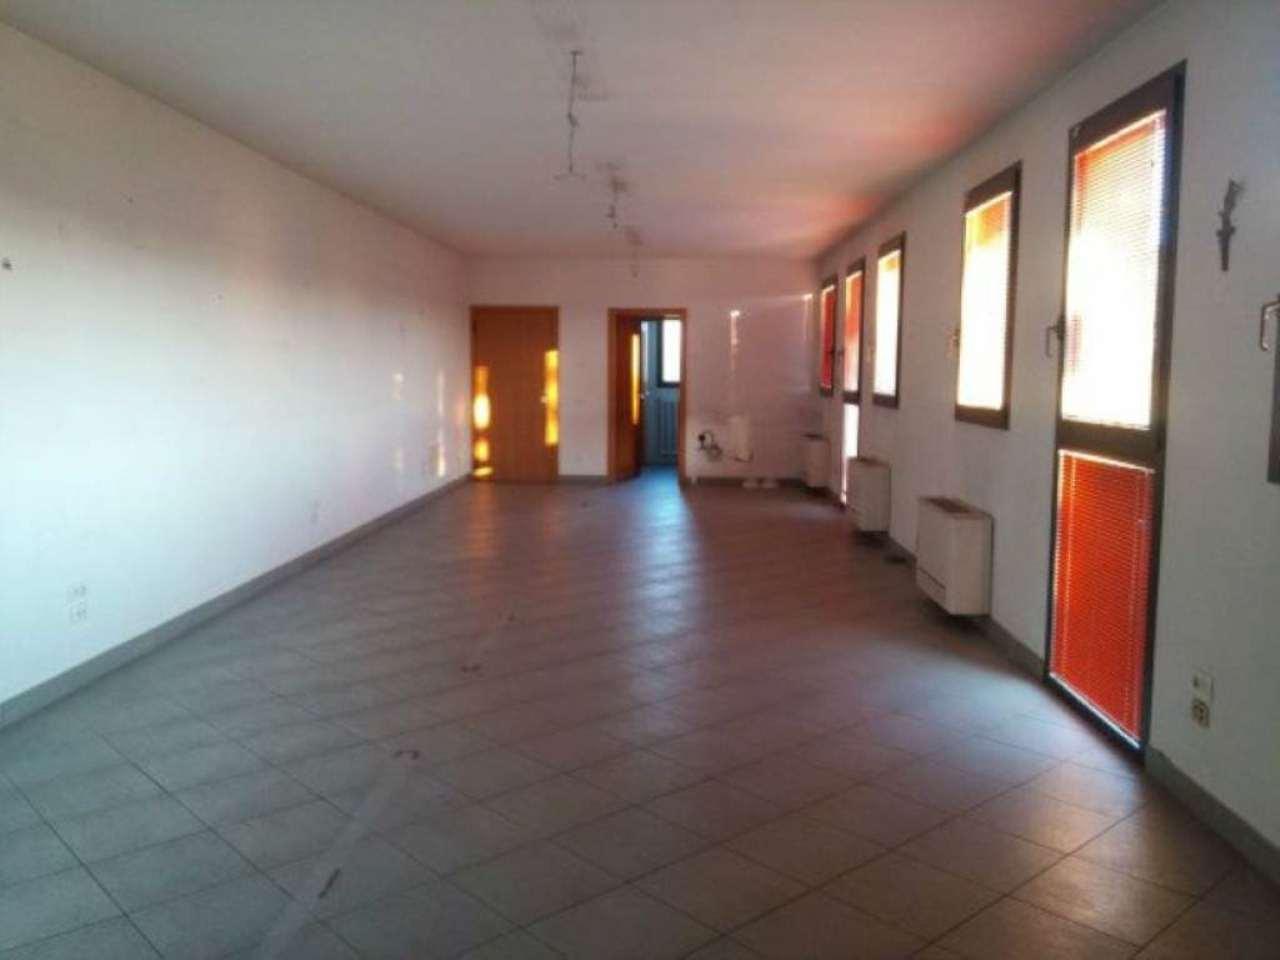 Laboratorio in affitto a Modena, 1 locali, prezzo € 650 | Cambio Casa.it